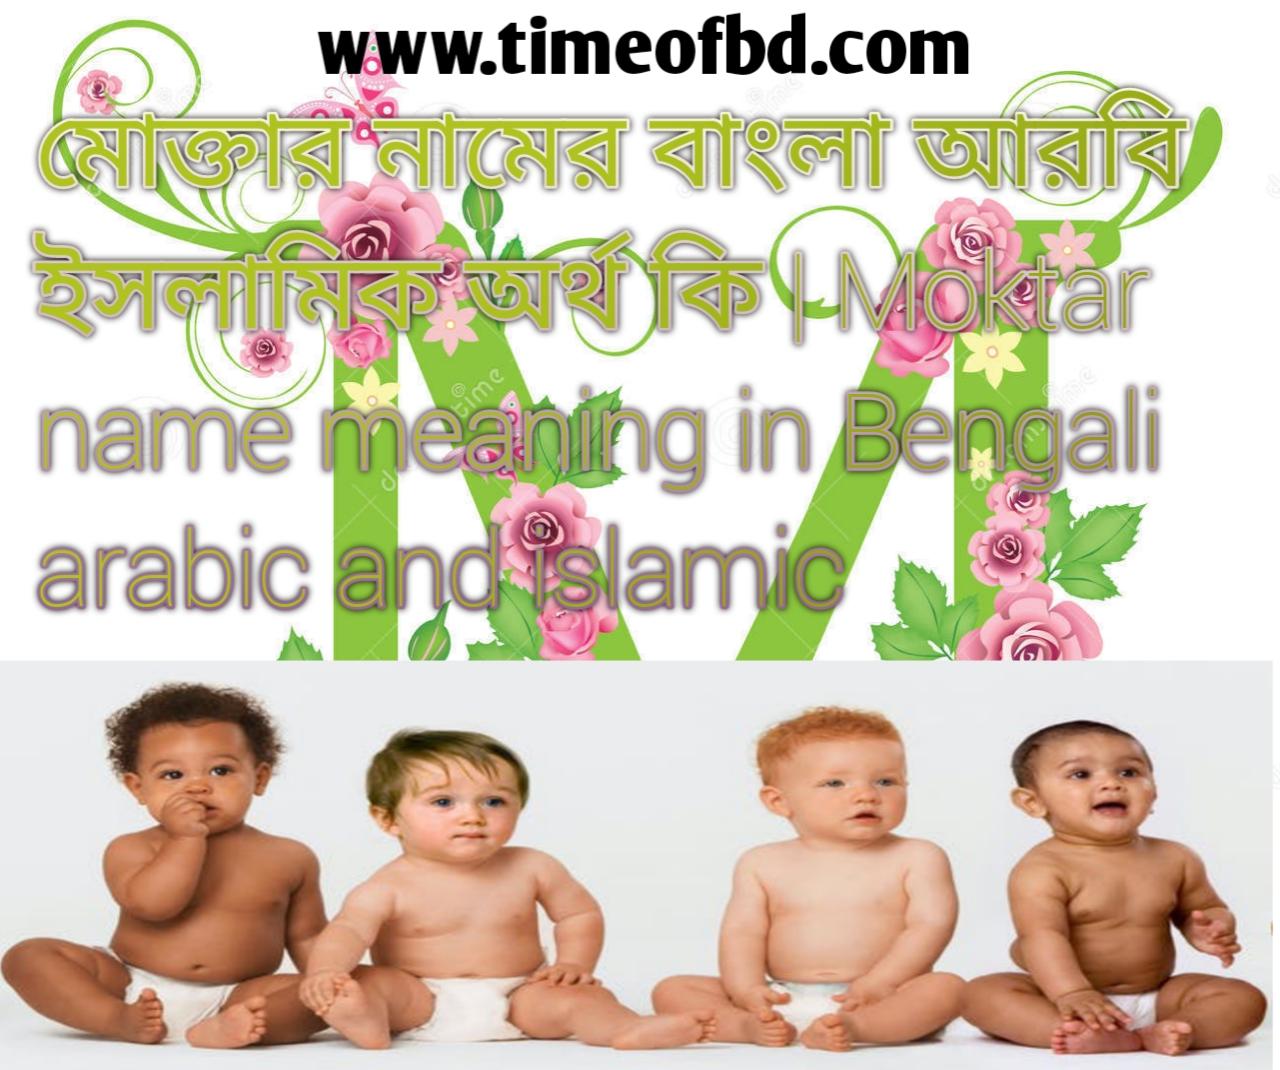 মোক্তার নামের অর্থ কি, মোক্তার নামের বাংলা অর্থ কি, মোক্তার নামের ইসলামিক অর্থ কি, Moktar name meaning in Bengali, মোক্তার কি ইসলামিক নাম,